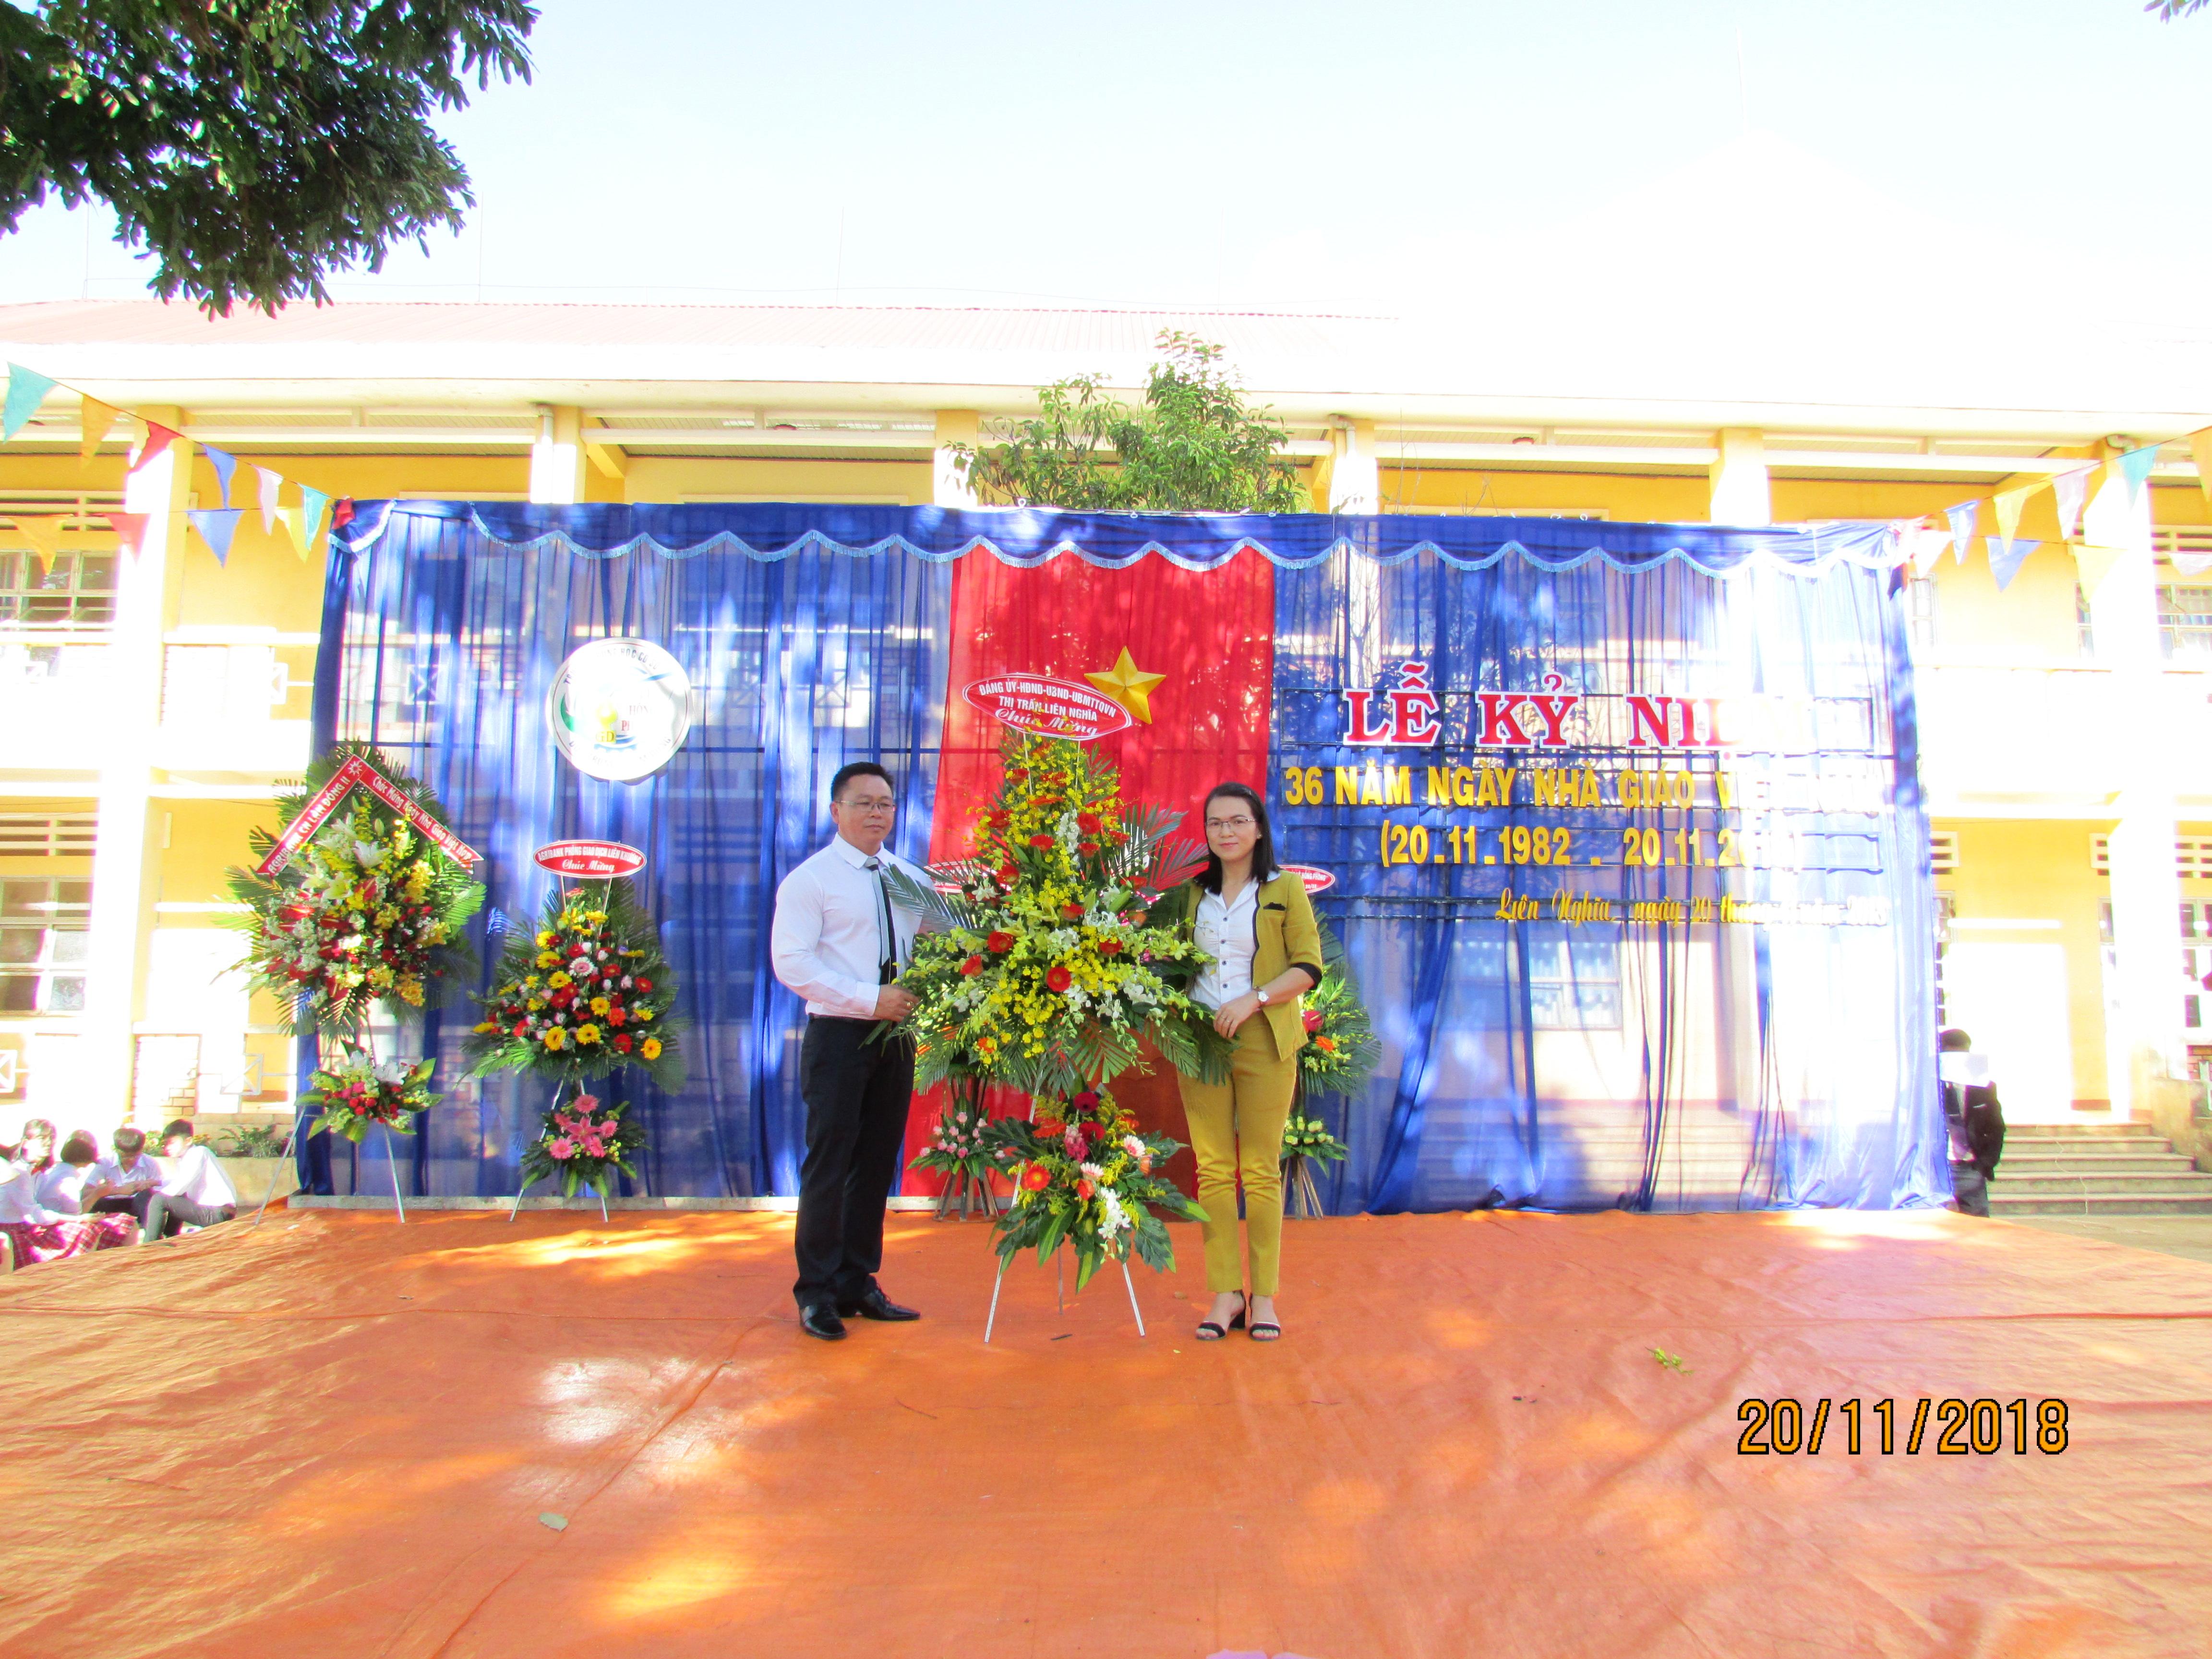 Kỉ niệm 36 năm ngày nhà giáo Việt Nam